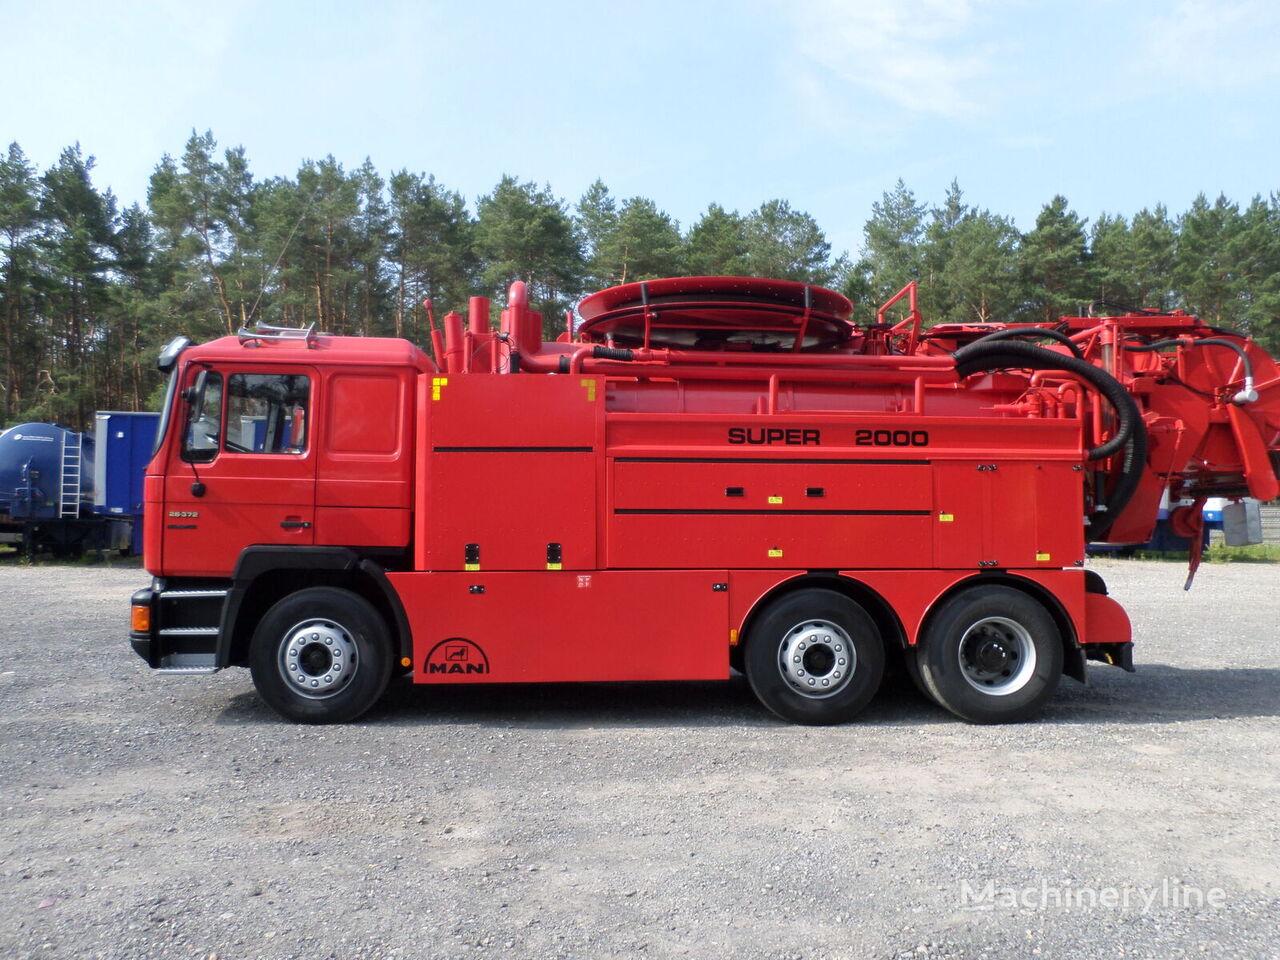 MAN 26.372 6x2 WUKO Wiedemann & Reichhardt Super 2000 Recycling combination sewer cleaner